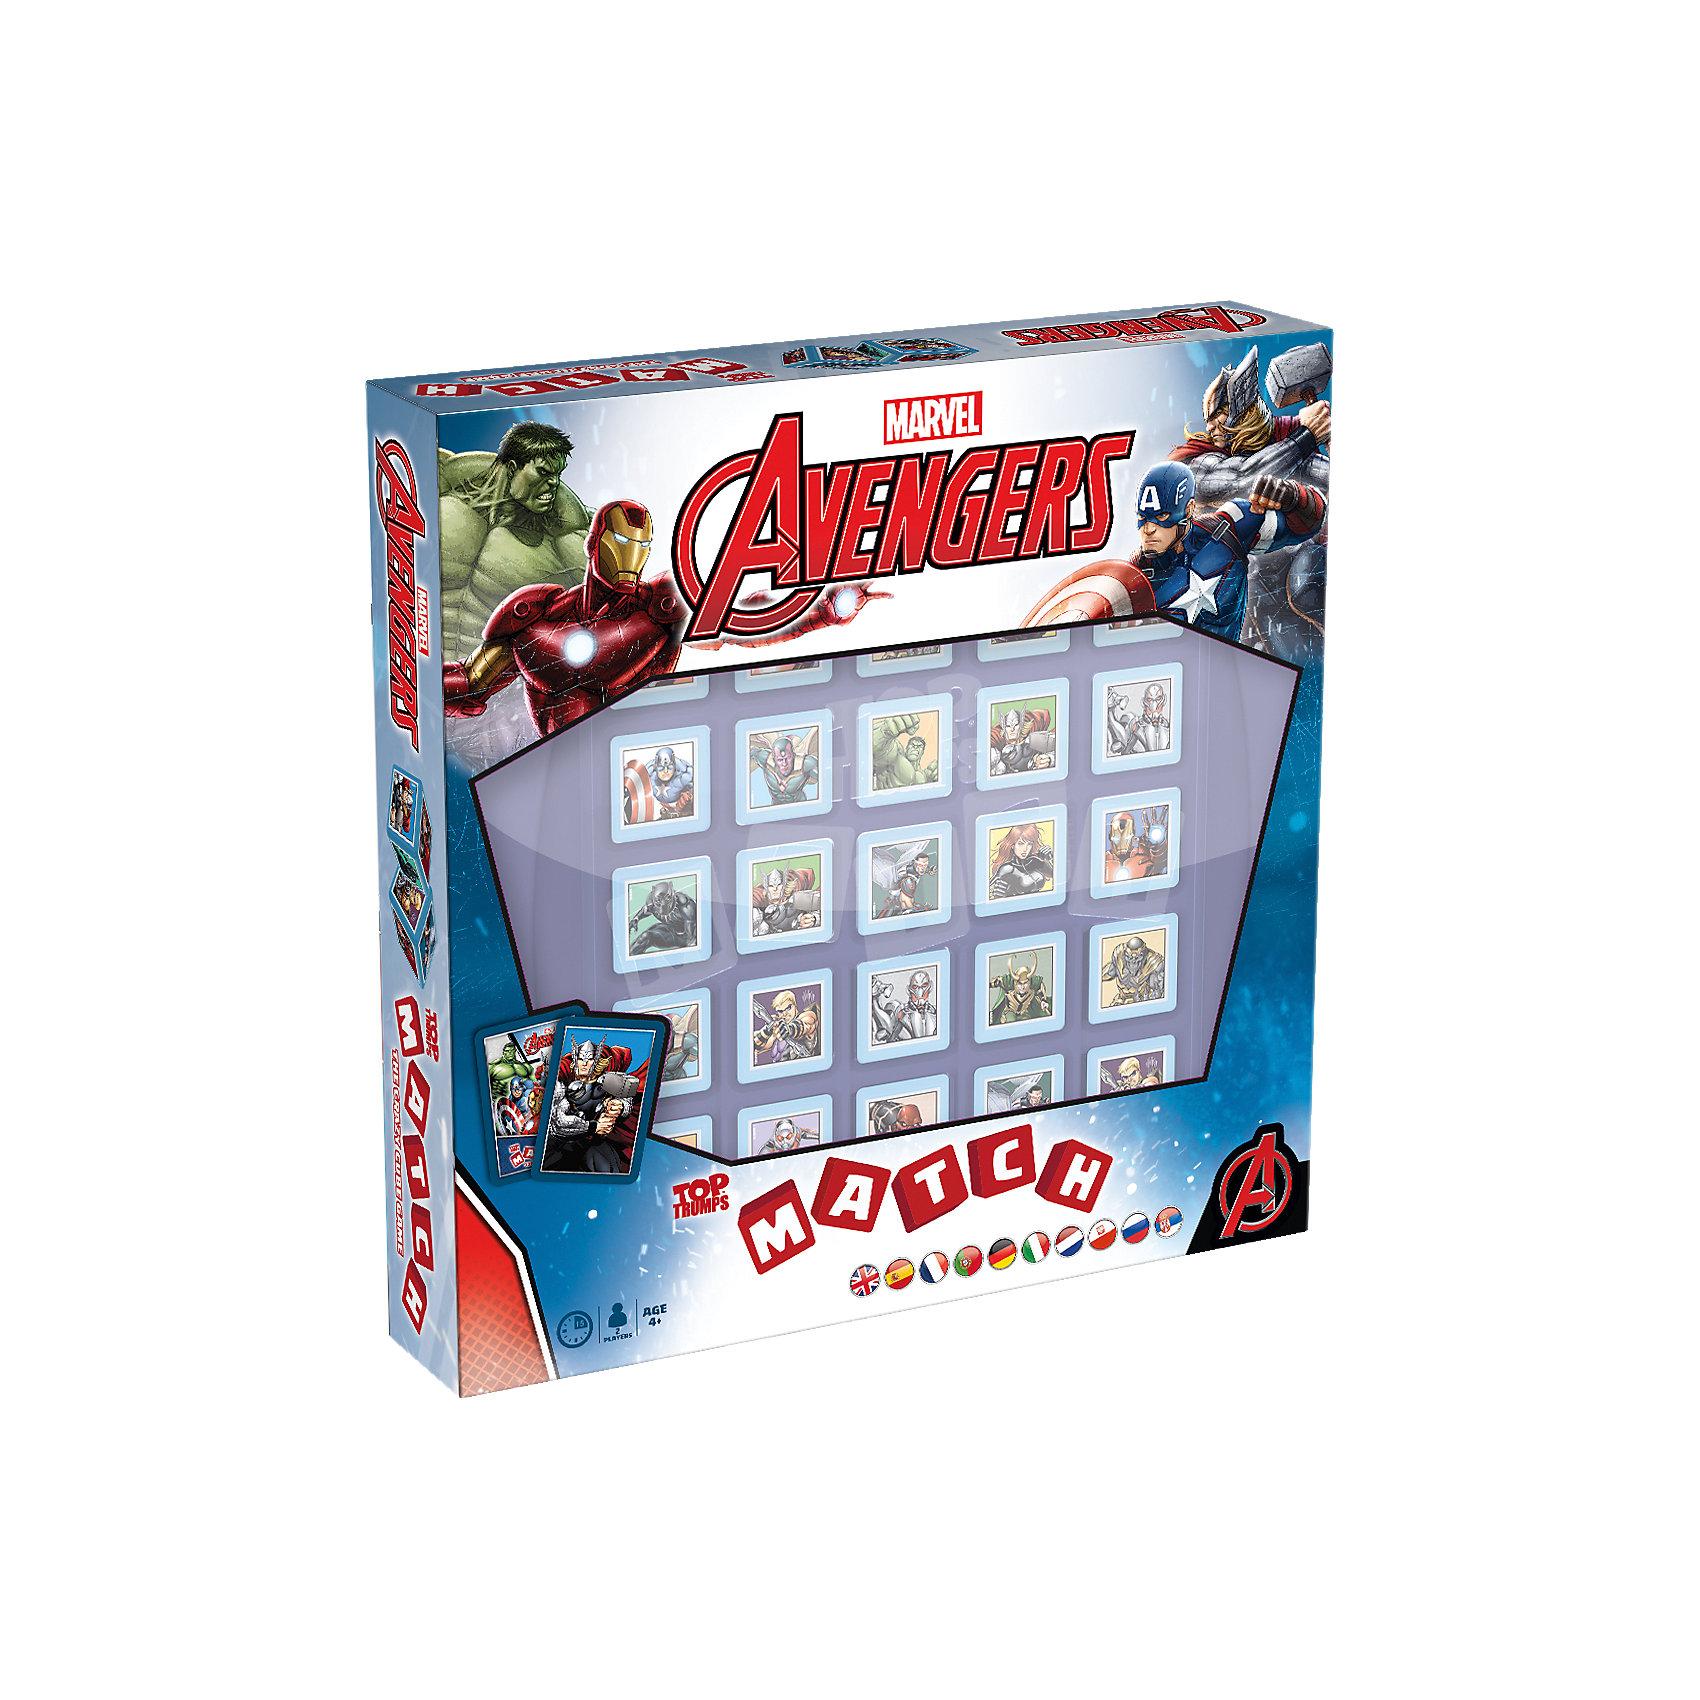 Настольная игра Марвел Мстители Top TrumpНастольные игры для всей семьи<br>Все дети любят во что-то играть. Особенно в каких-нибудь великих героев. А что может быть круче, чем герои? Только супергерои! Мы предлагаем непоседам поиграть любимыми героями Марвел: Железным человеком, Капитаном Америкой, Тором, Халком и другими!Это классическая настольная игра, которая подходит даже самым юным супергероями. Очень яркая и красочная, она позволит малышам окунуться в мир любимых комиксов и классно провести время!Правила очень просты: есть 25 безопасных для ребёнка пластмассовых кубиков (гипоаллергенный пластик, сглаженные углы). Задача игрока – собрать в один ряд пять кубиков с одним и тем же героем, после чего он станет победителем!Игра помогает развить логическое мышление, память и даже мелкую моторику. И, конечно, ребёнок получит массу позитива и радостных эмоций!В комплект игры входят:Игровое поле;Карточки с героями;Пластмассовые кубики;Инструкция.<br><br>Ширина мм: 275<br>Глубина мм: 271<br>Высота мм: 55<br>Вес г: 1099<br>Возраст от месяцев: 48<br>Возраст до месяцев: 120<br>Пол: Мужской<br>Возраст: Детский<br>SKU: 4892957